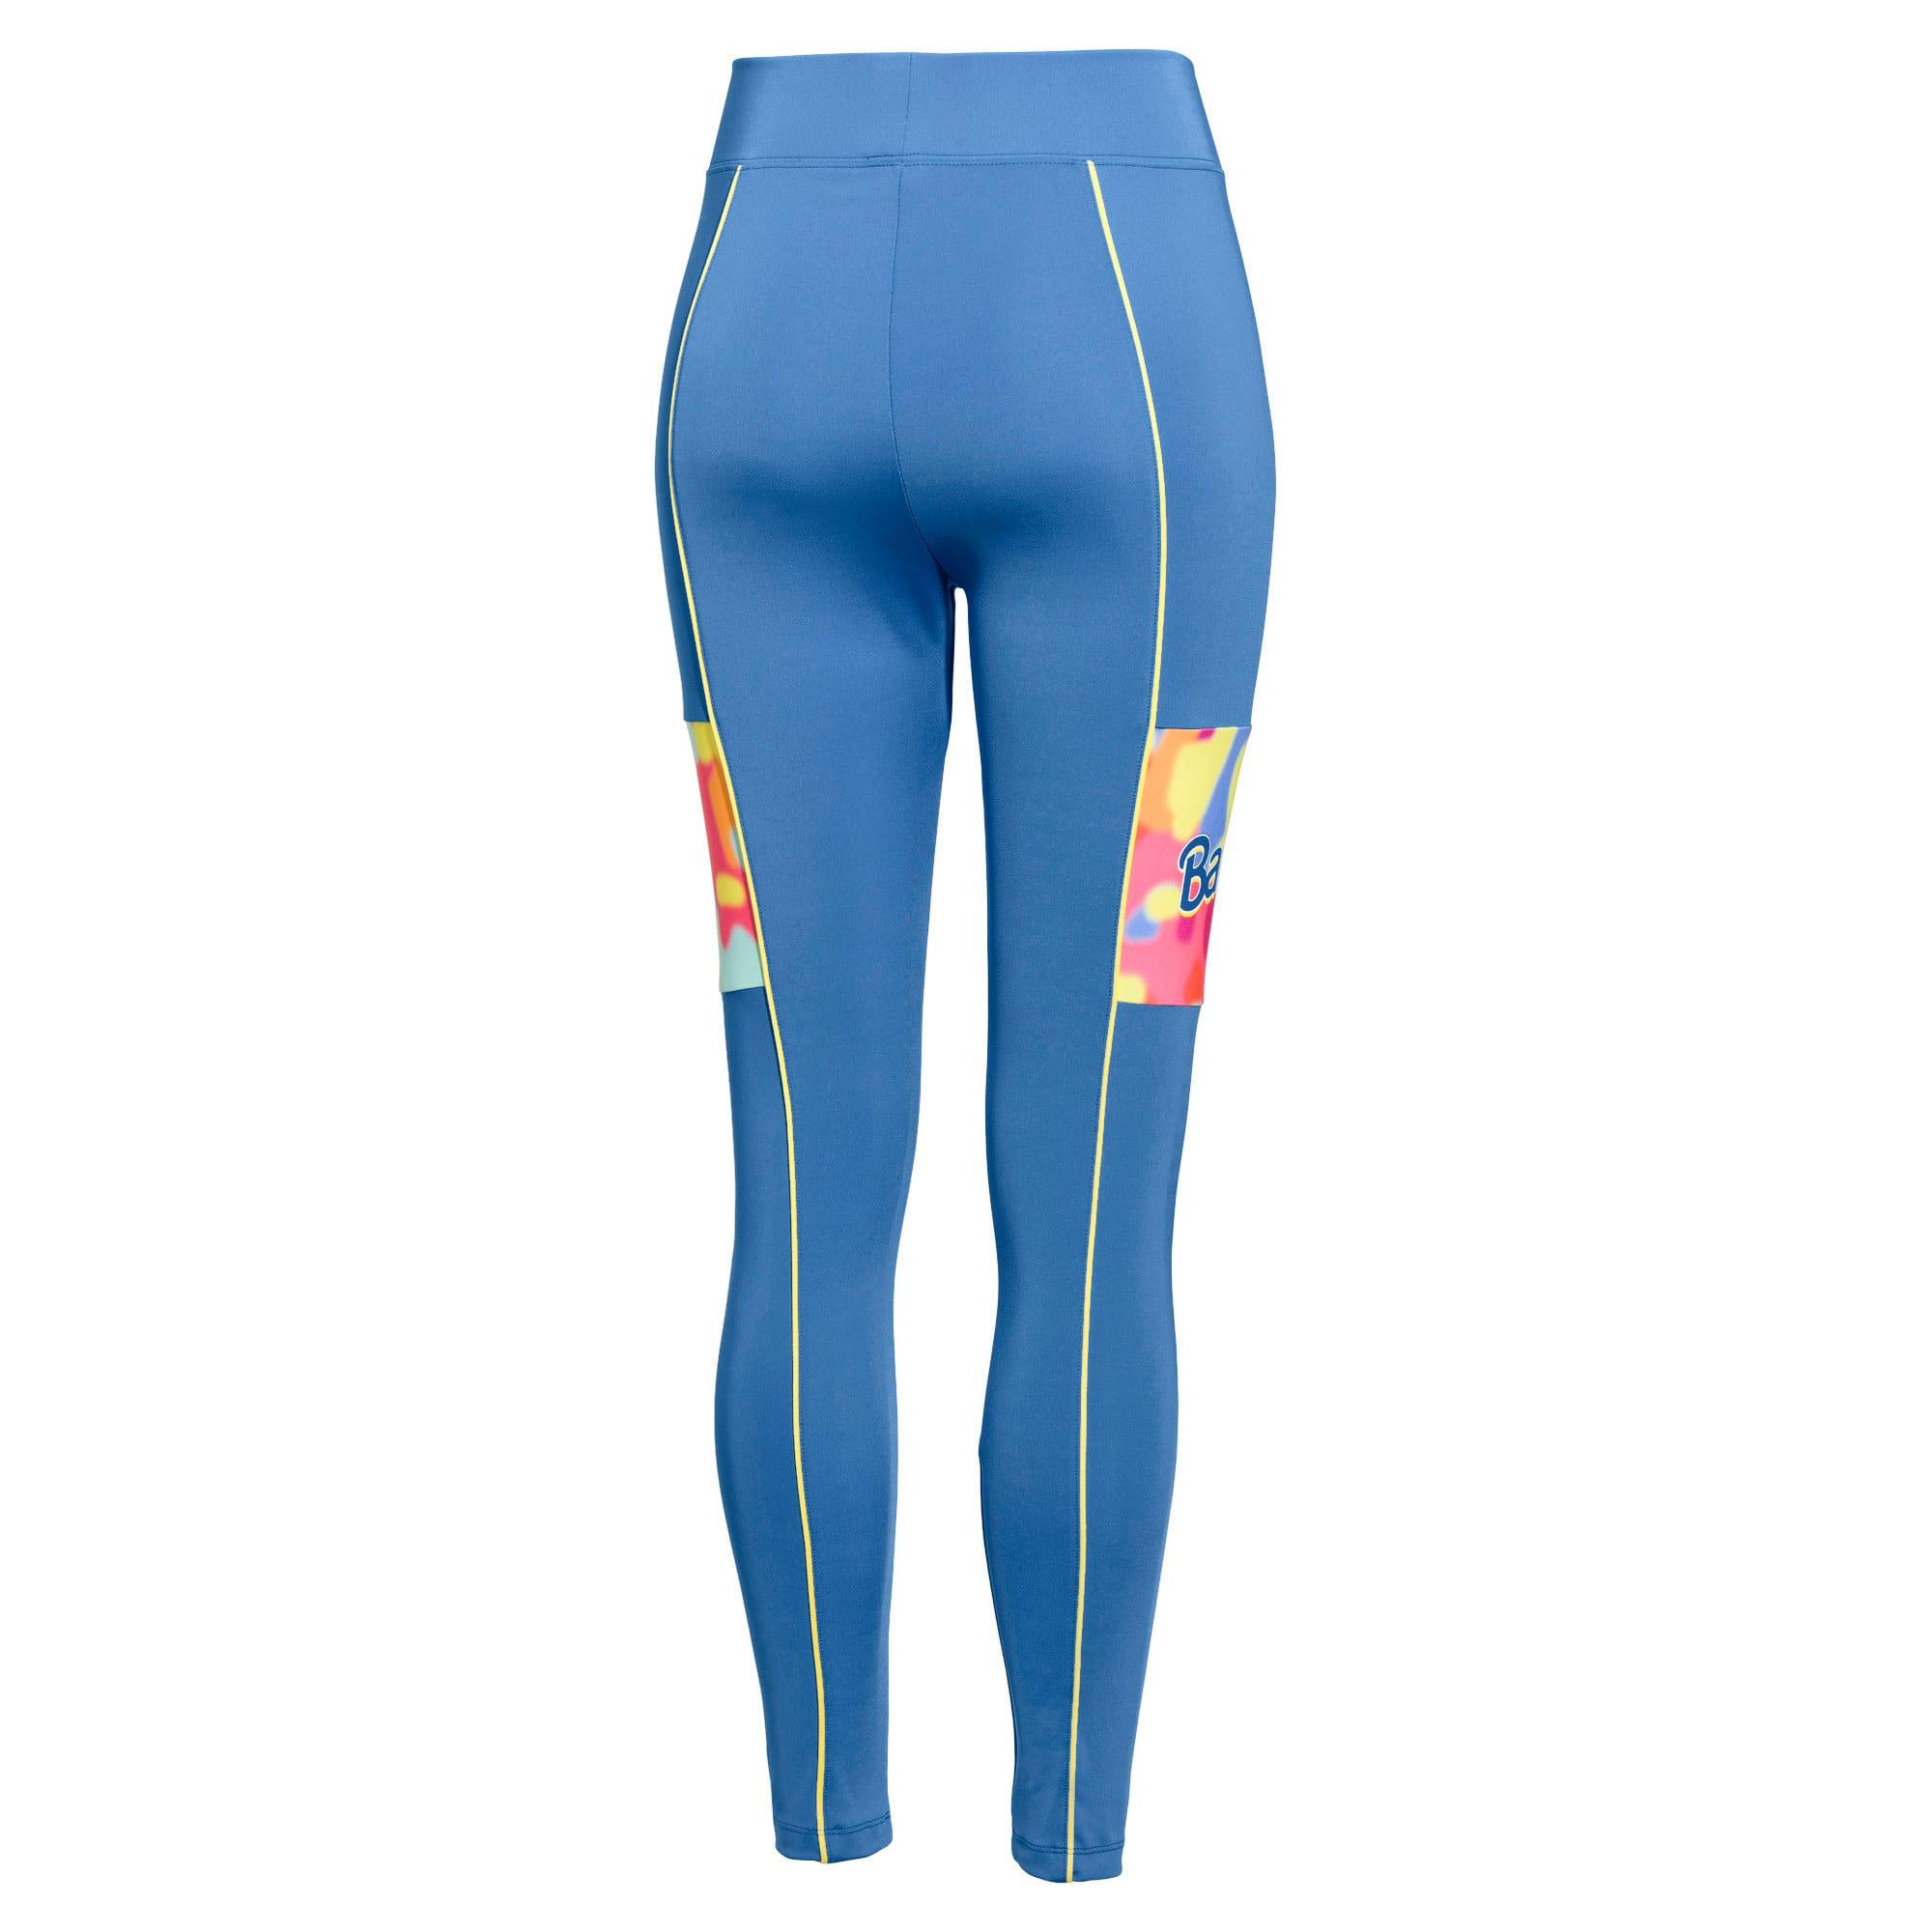 Thumbnail 2 of PUMA x BARBIE Women's Leggings, Ultramarine, medium